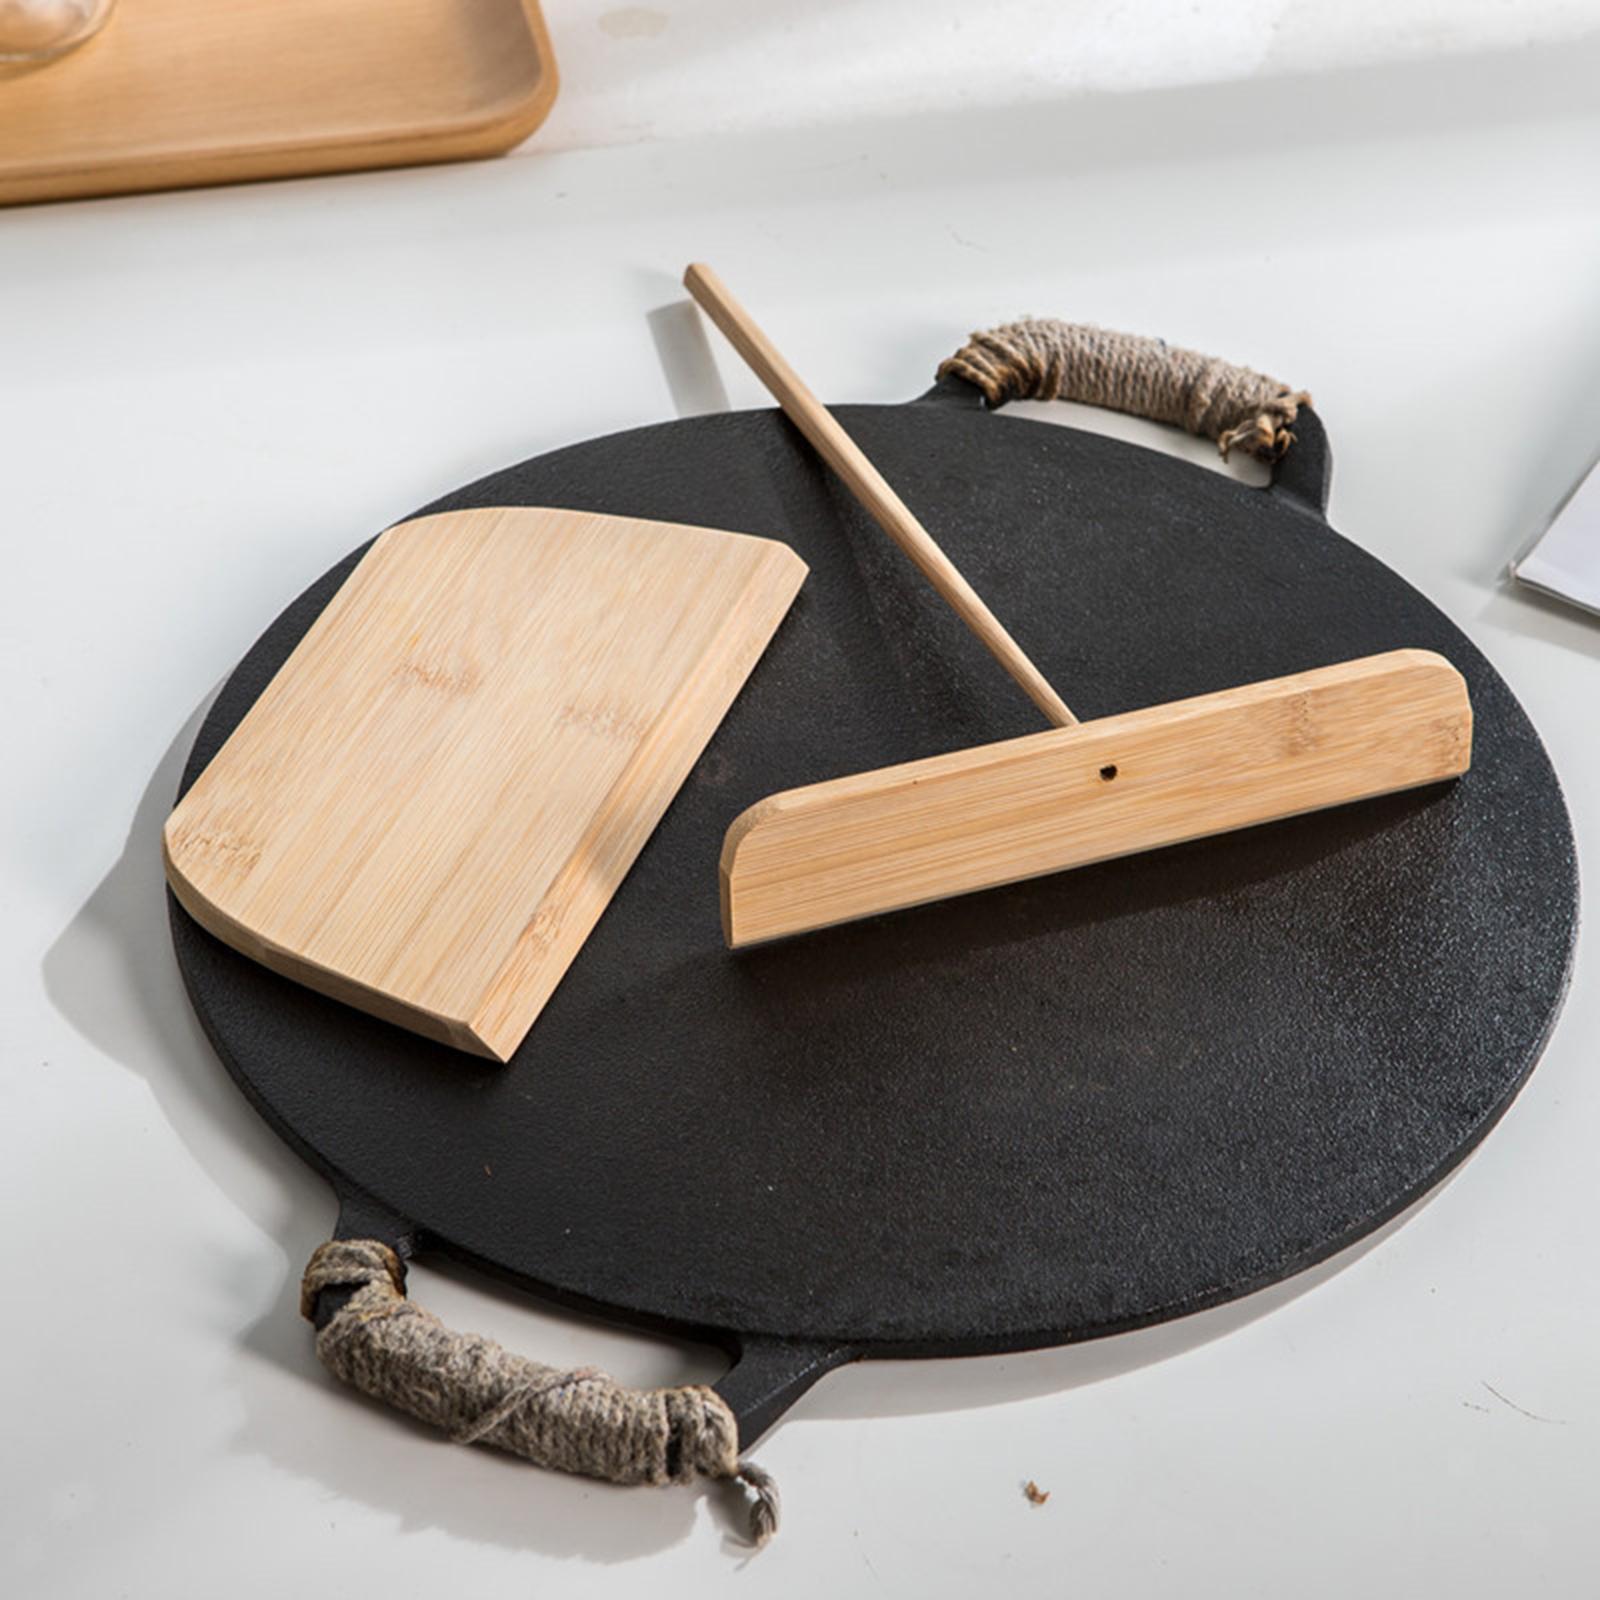 miniatura 4 - Utensile da cucina per la casa con spalmatore in legno per pancake con forma a T